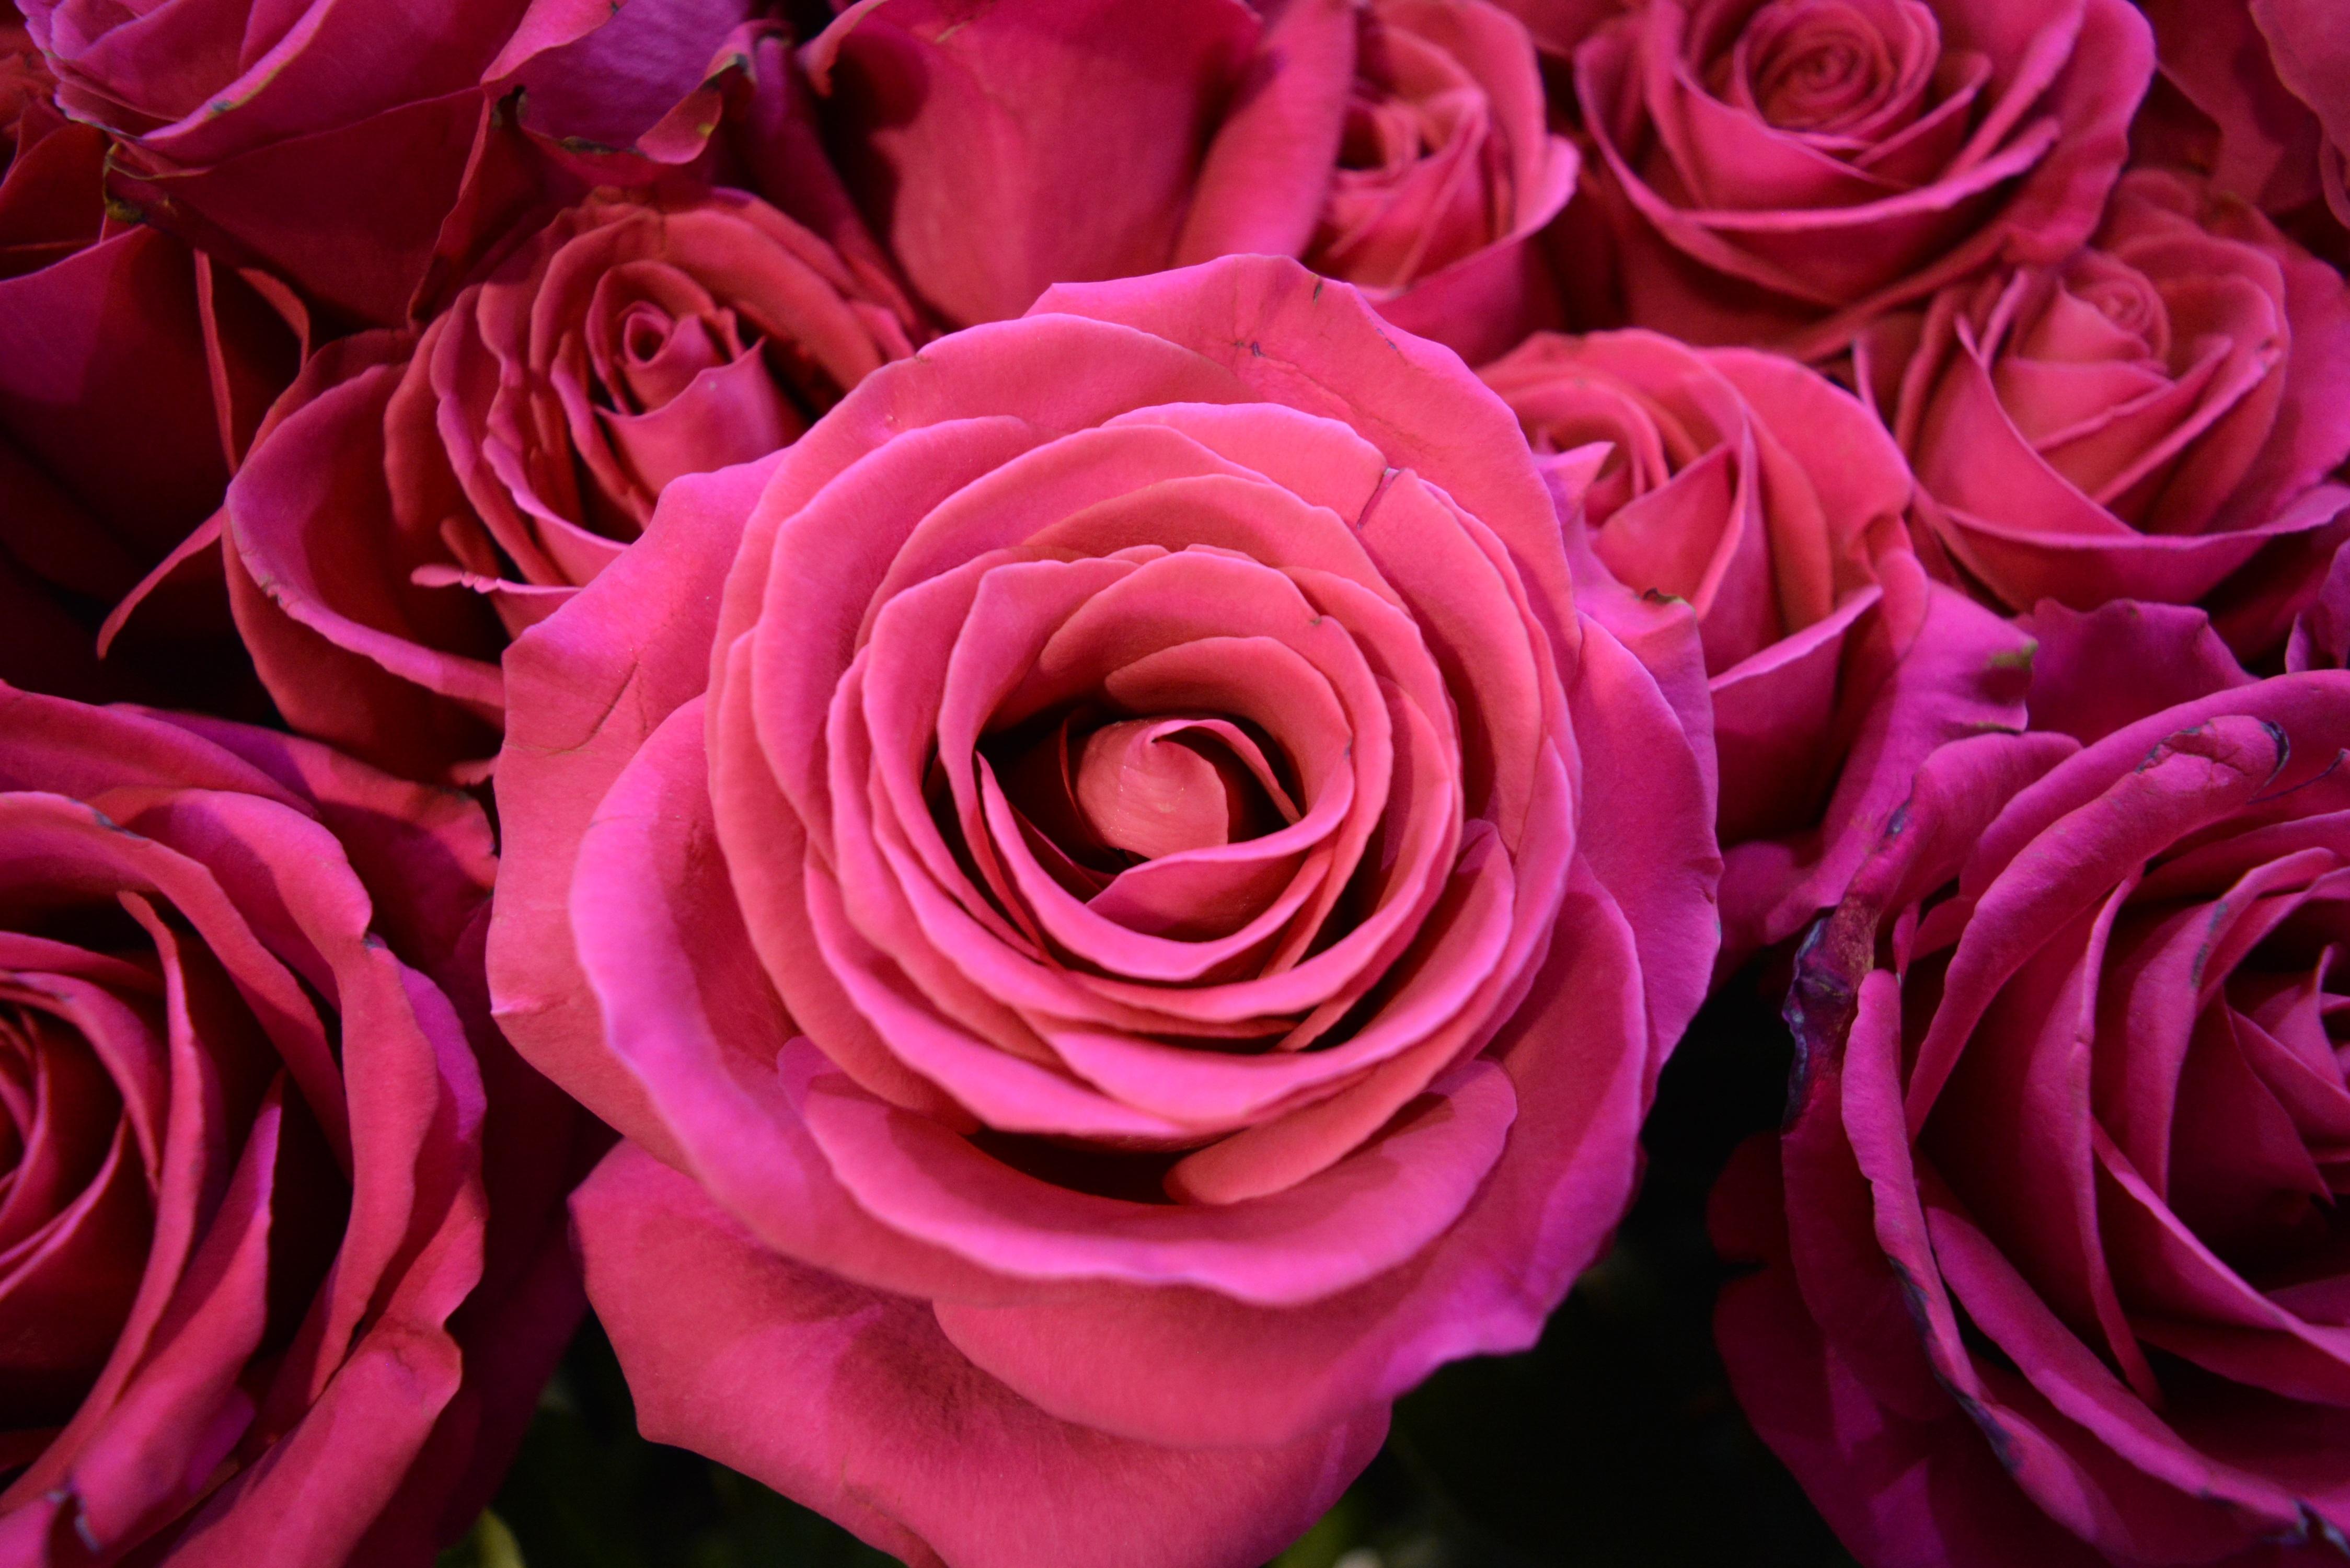 головного мозга все цвета роз смотреть картинки таким